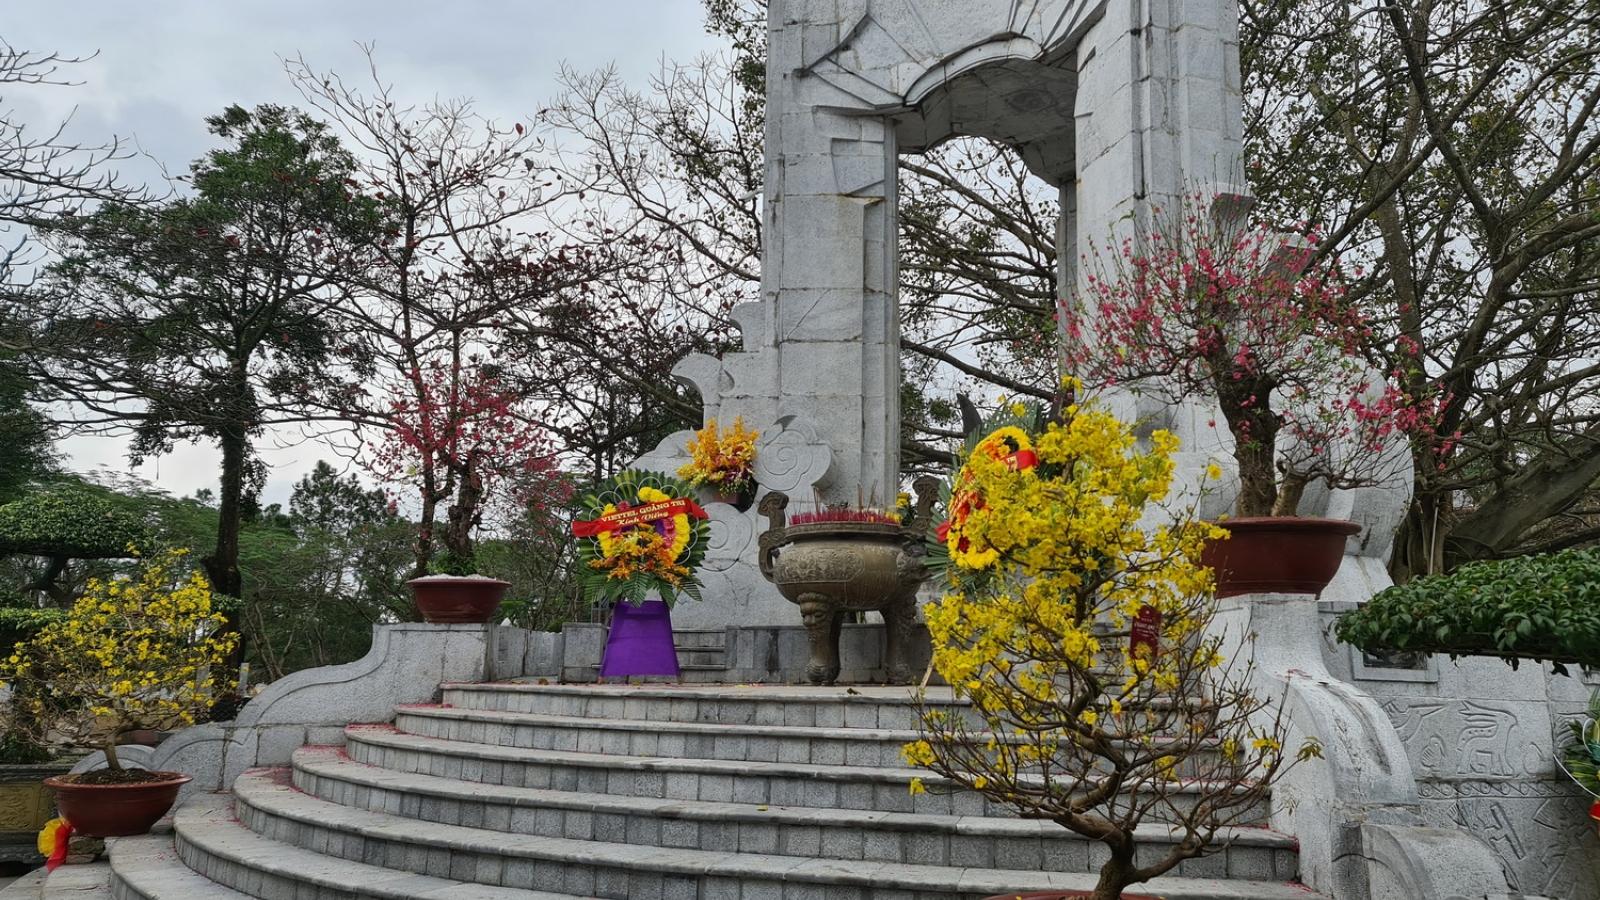 Chiều cuối năm viếng nghĩa trang liệt sĩ Quốc gia Trường Sơn